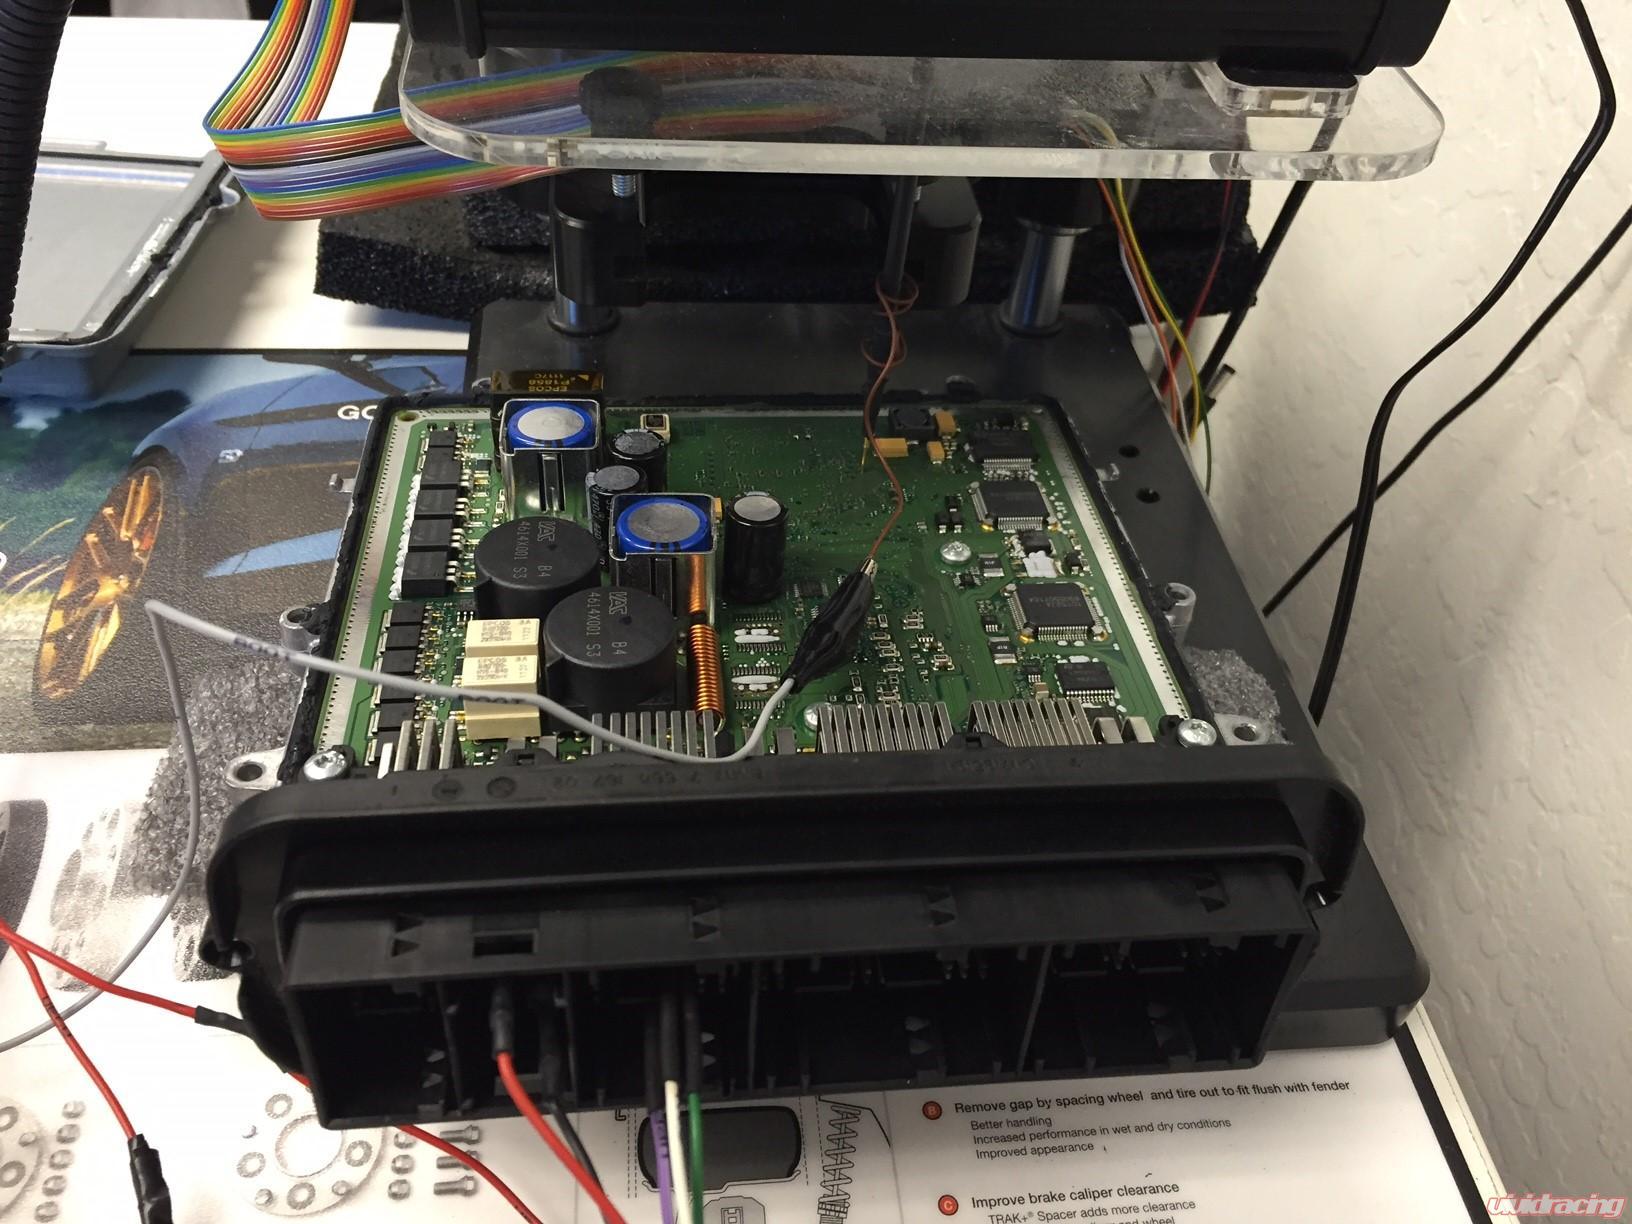 Vr Tuned Ecu Flash Tune Bmw 335d E90 30l N57 06 11 Wiring Diagram Vrt